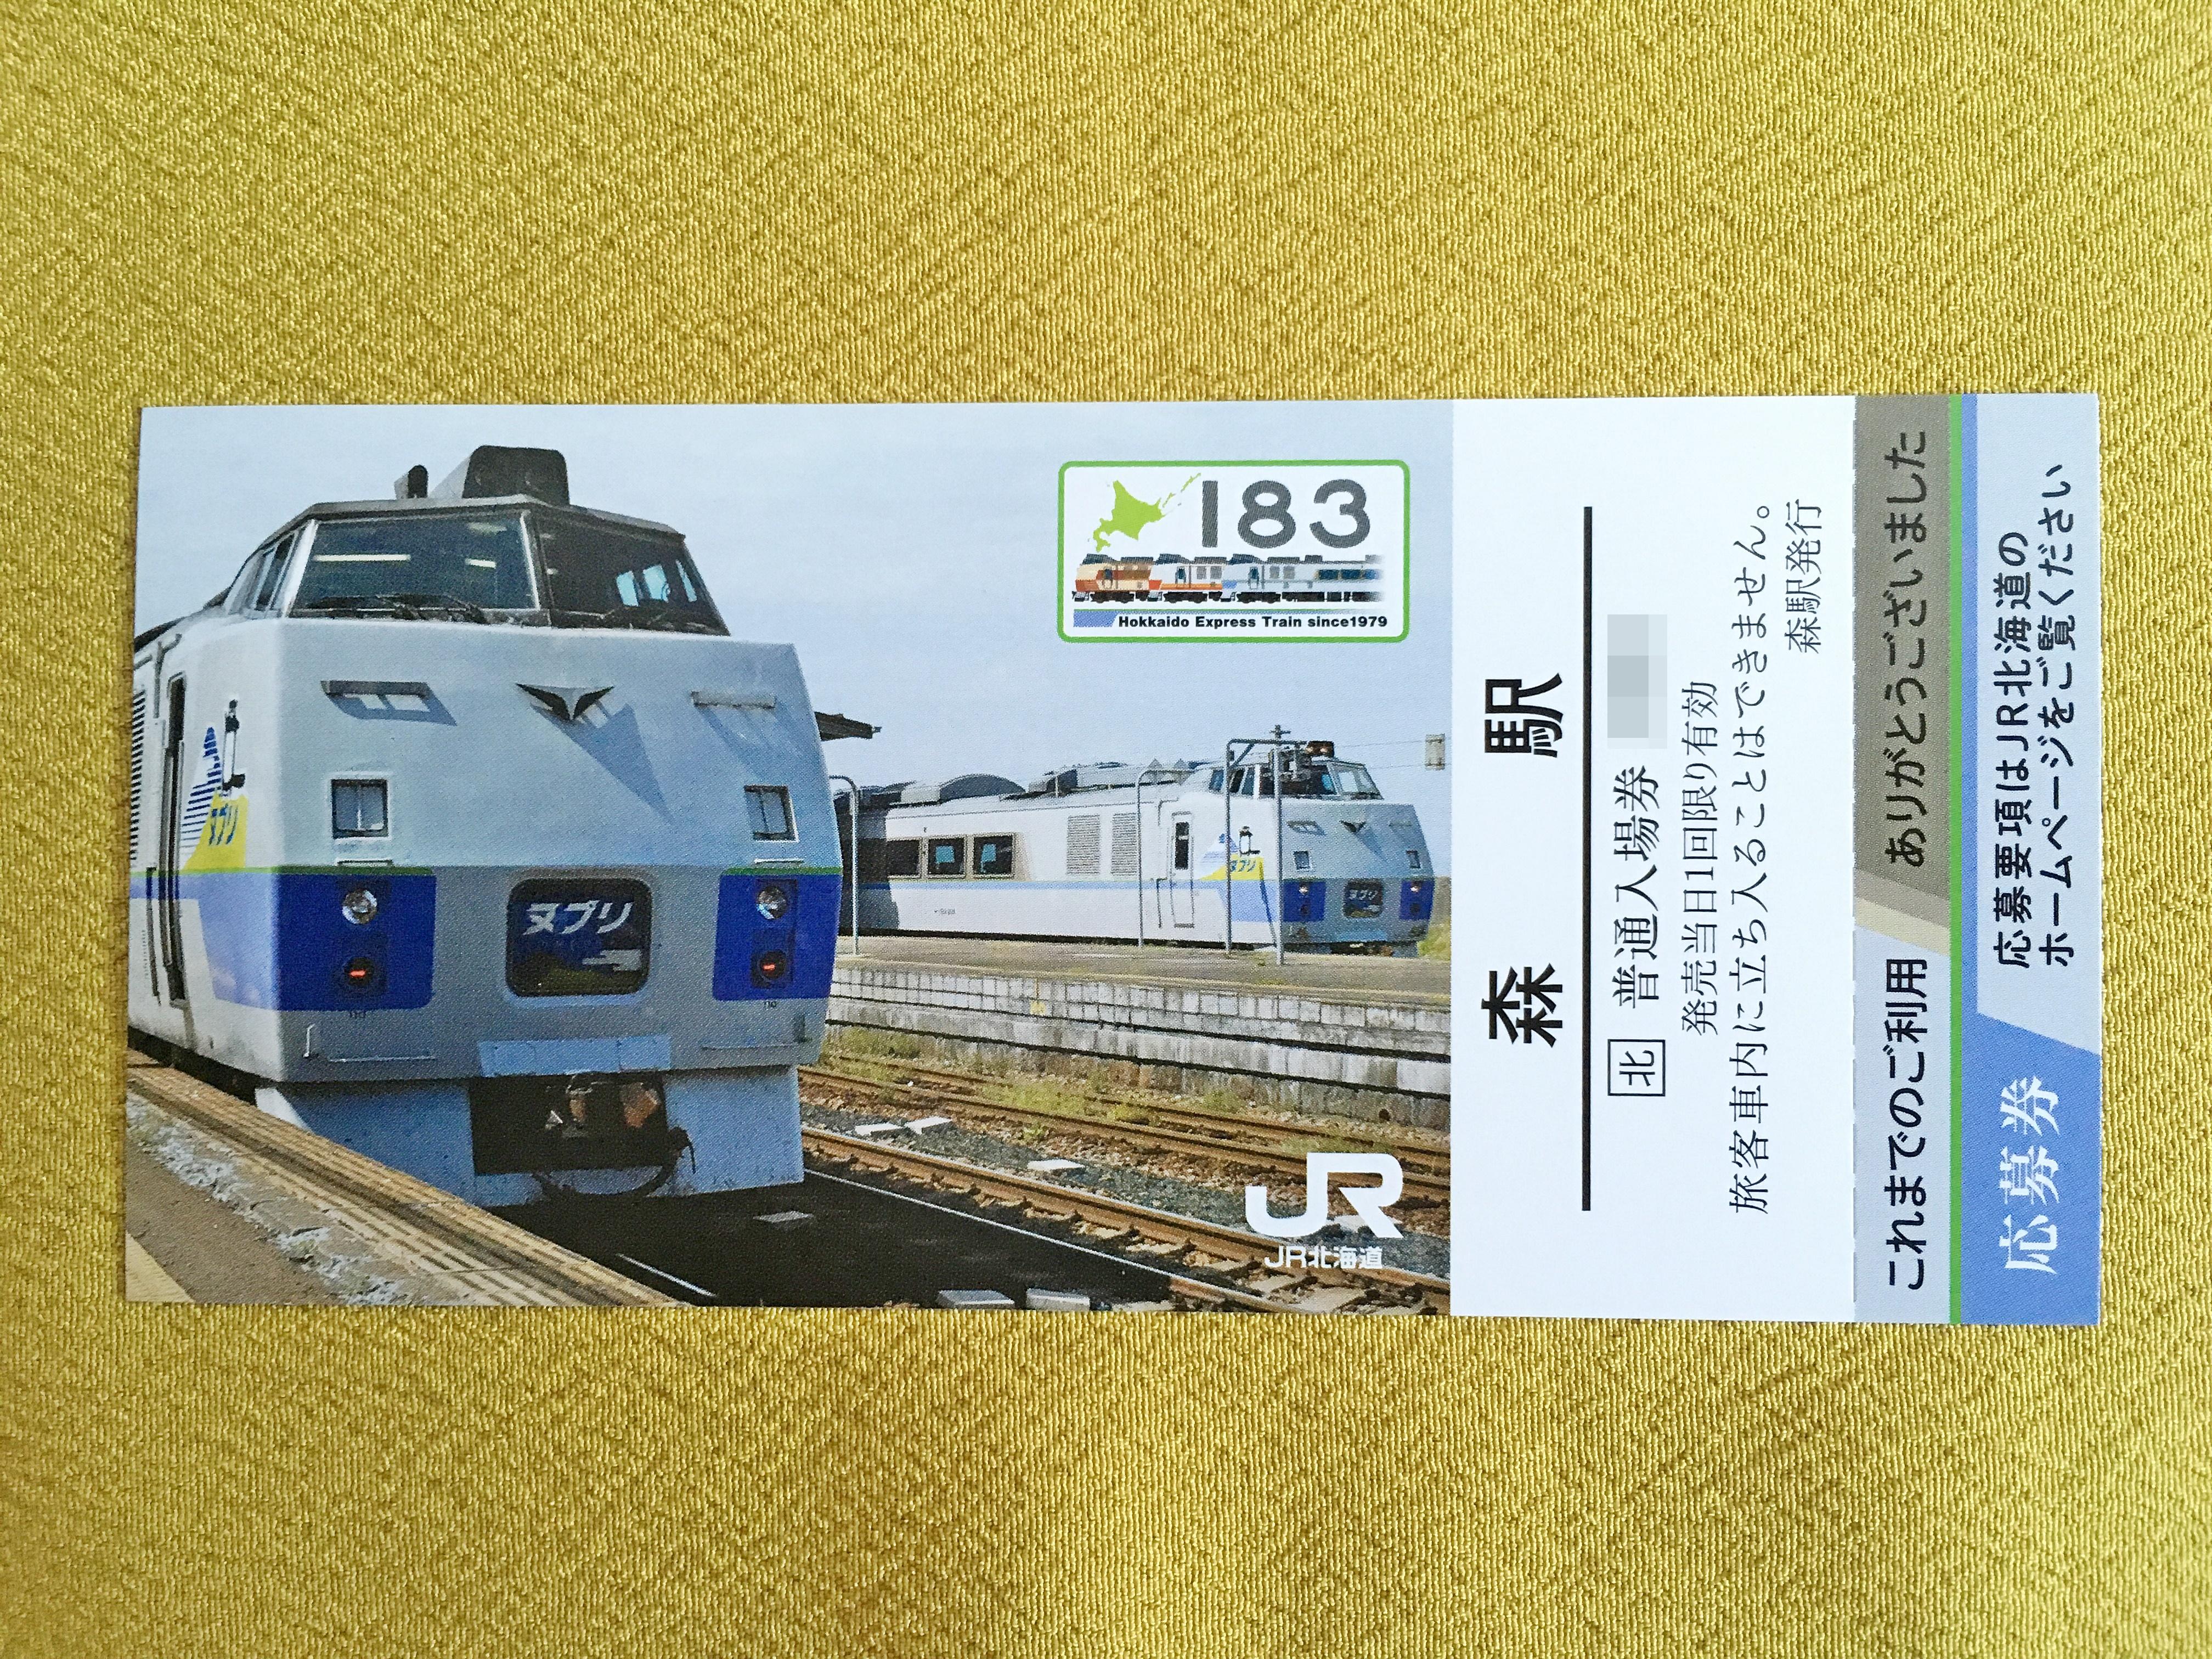 キハ183-0系記念入場券 森駅表.JPG